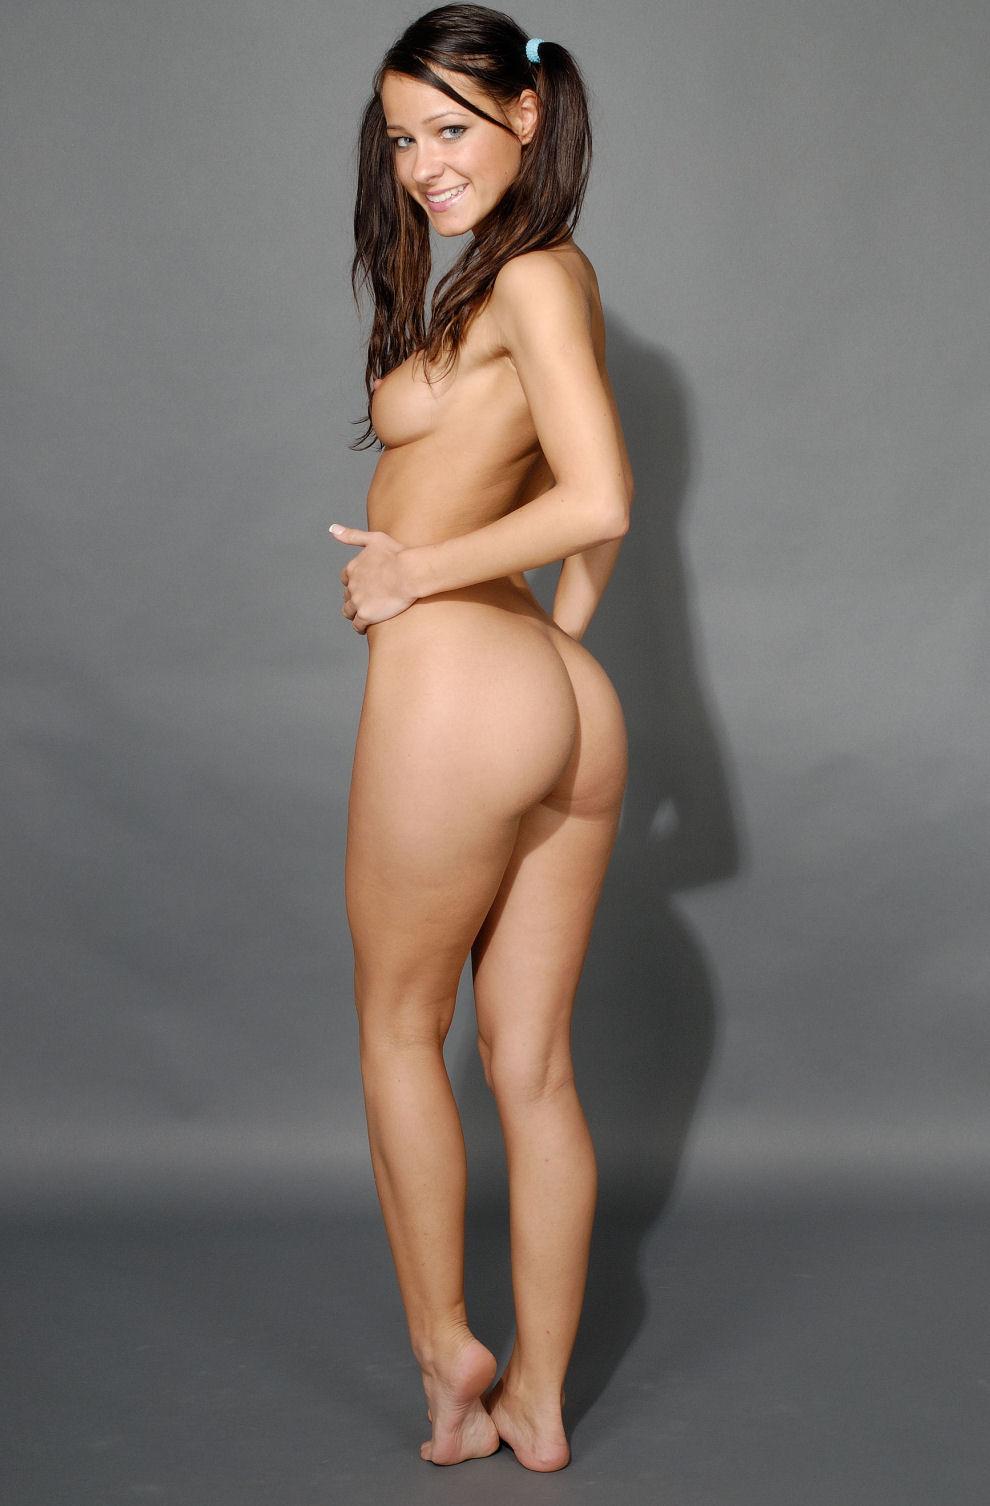 images of amateur naked pakistani women